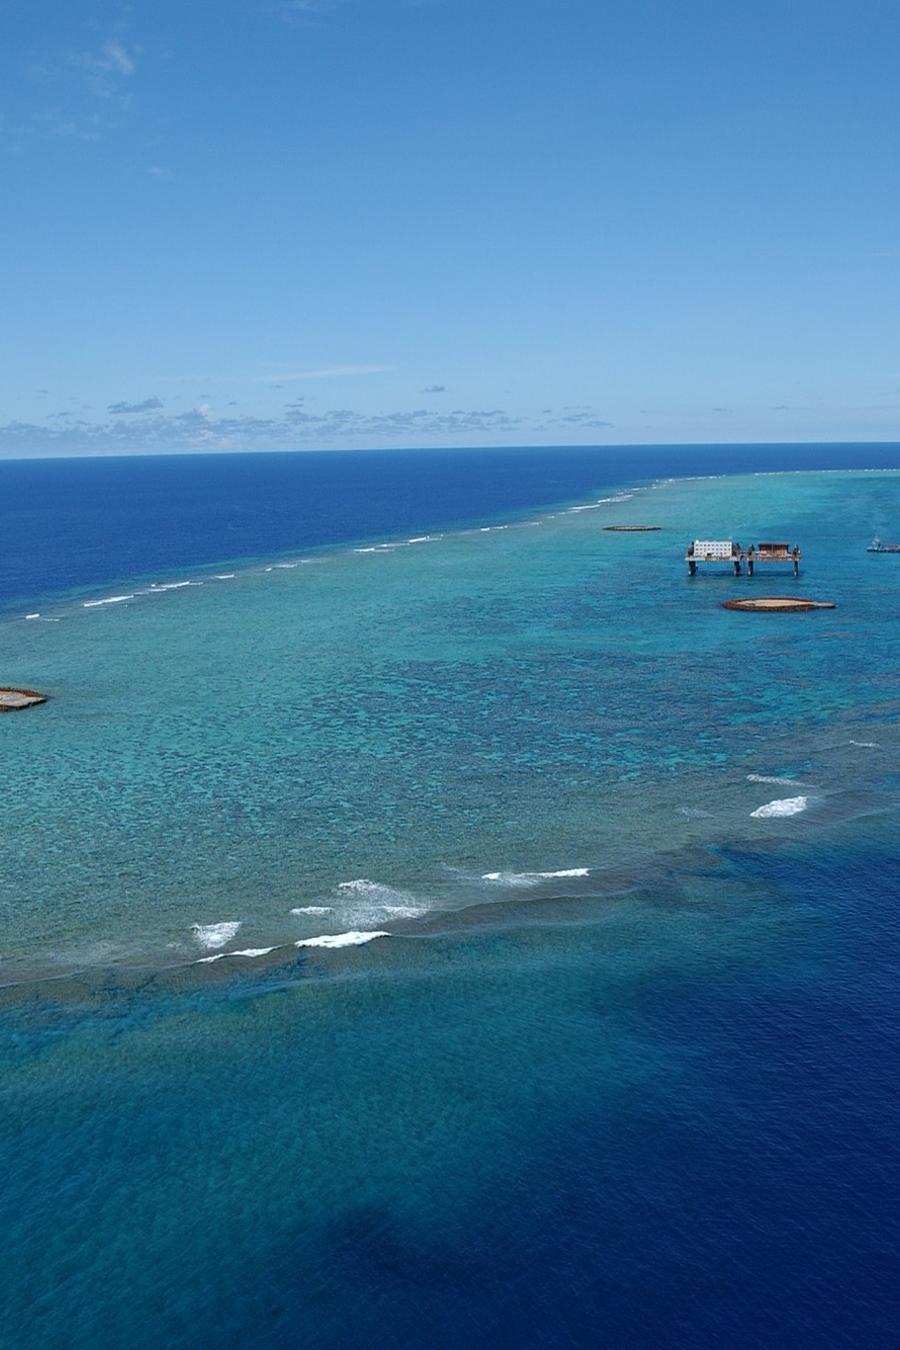 El atolón Okinotorishima